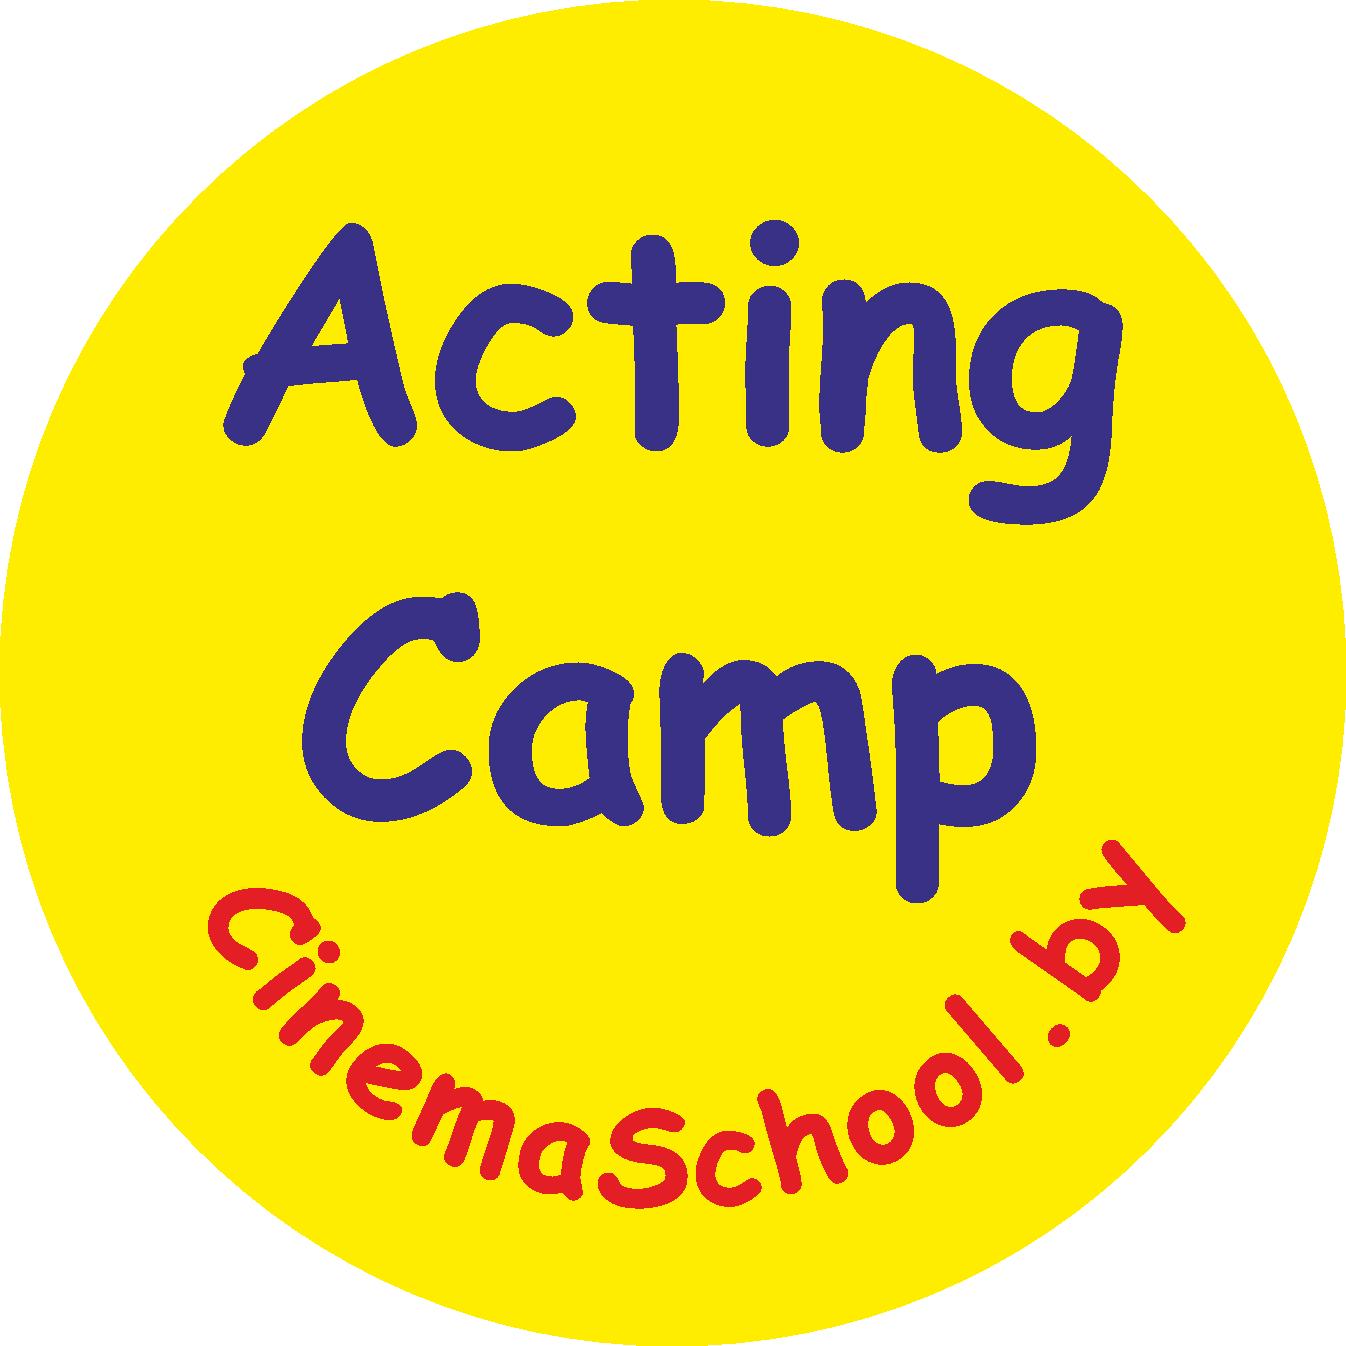 Acting Camp— лагерь актёрского мастерства Минской школы кино (CinemaSchool.by) (сайт Минской школы киноискусства)